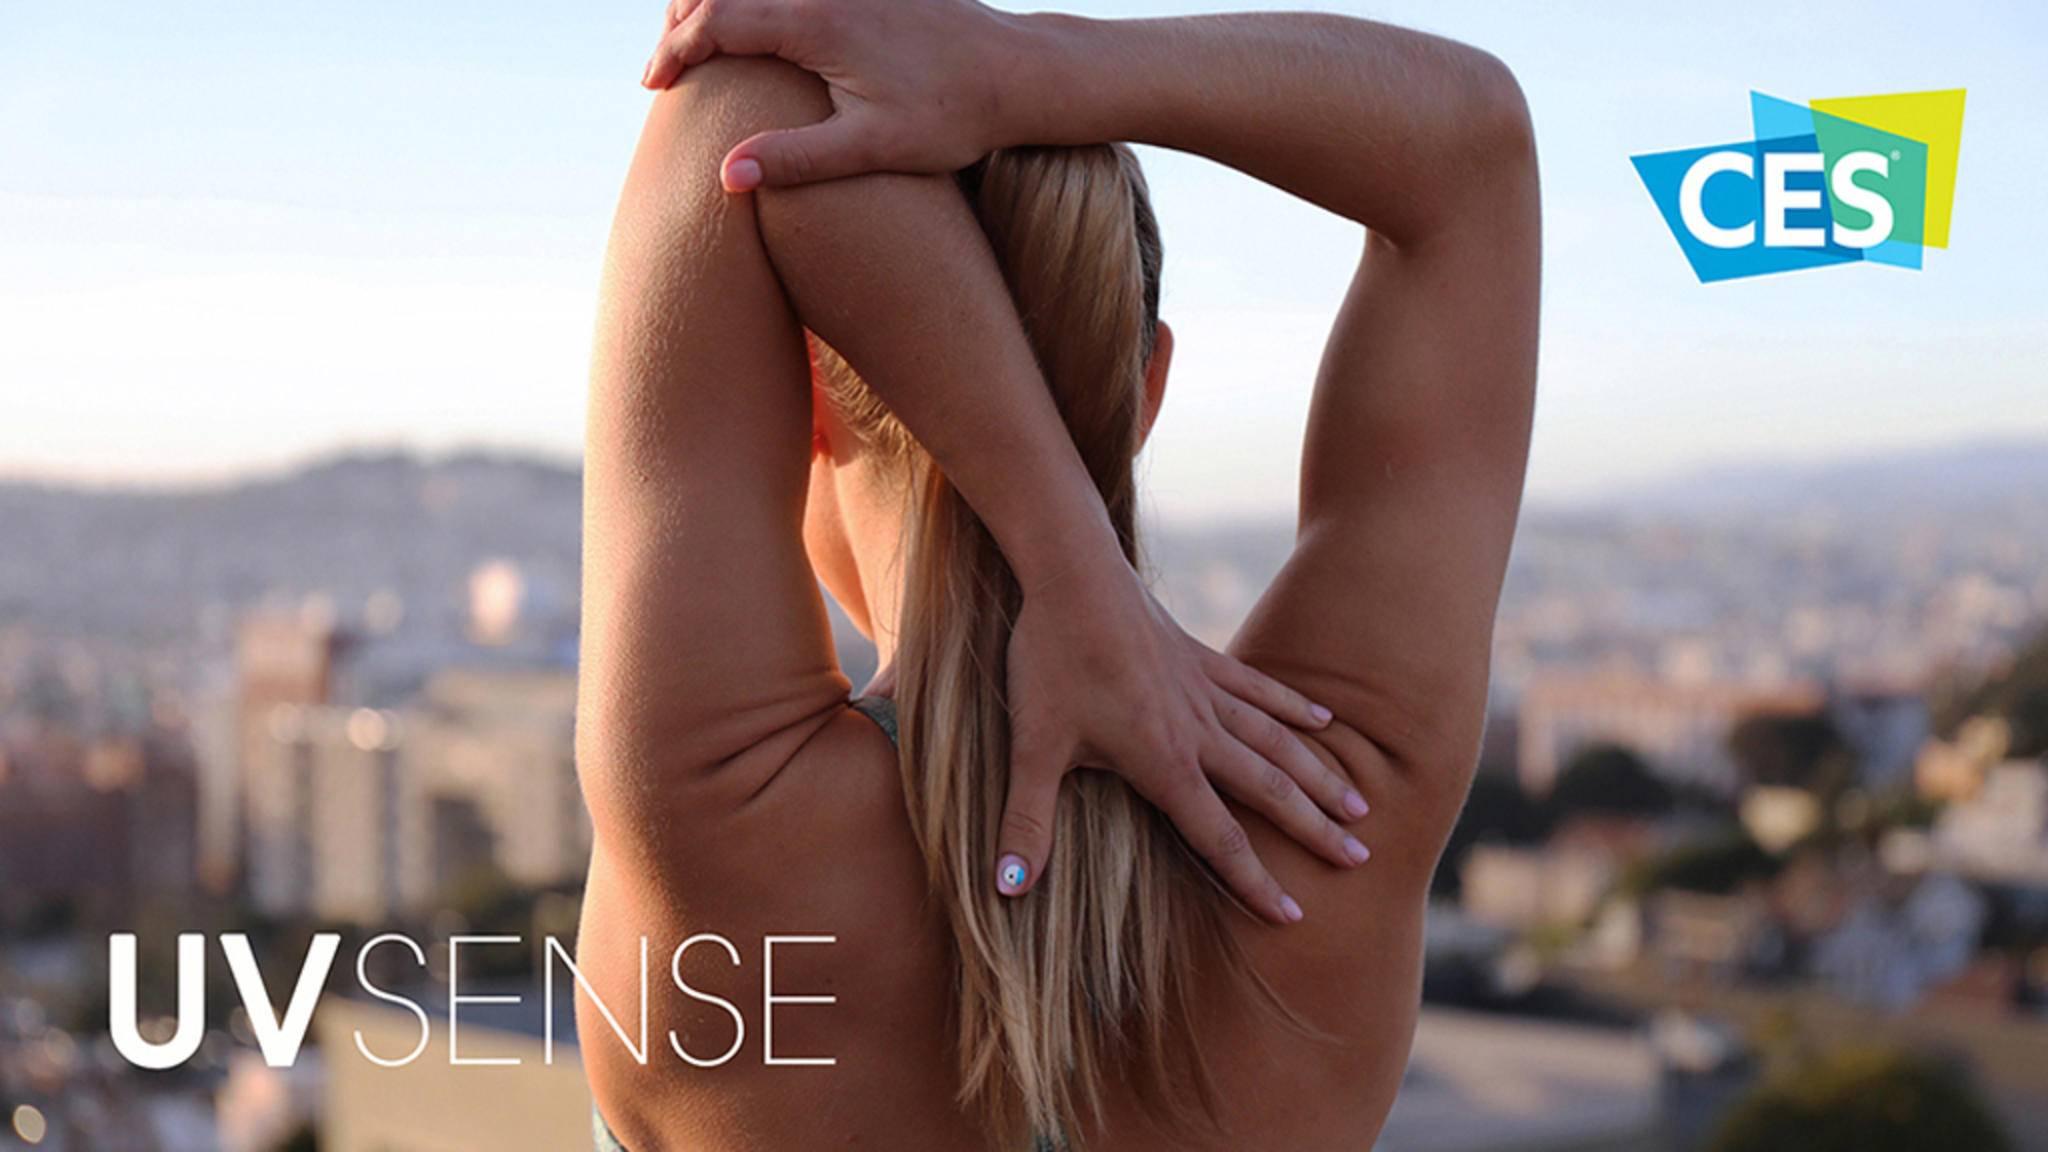 Der winzige UV-Sensor von L'Oréal soll seine User für den Sonnenschutz sensibilisieren.